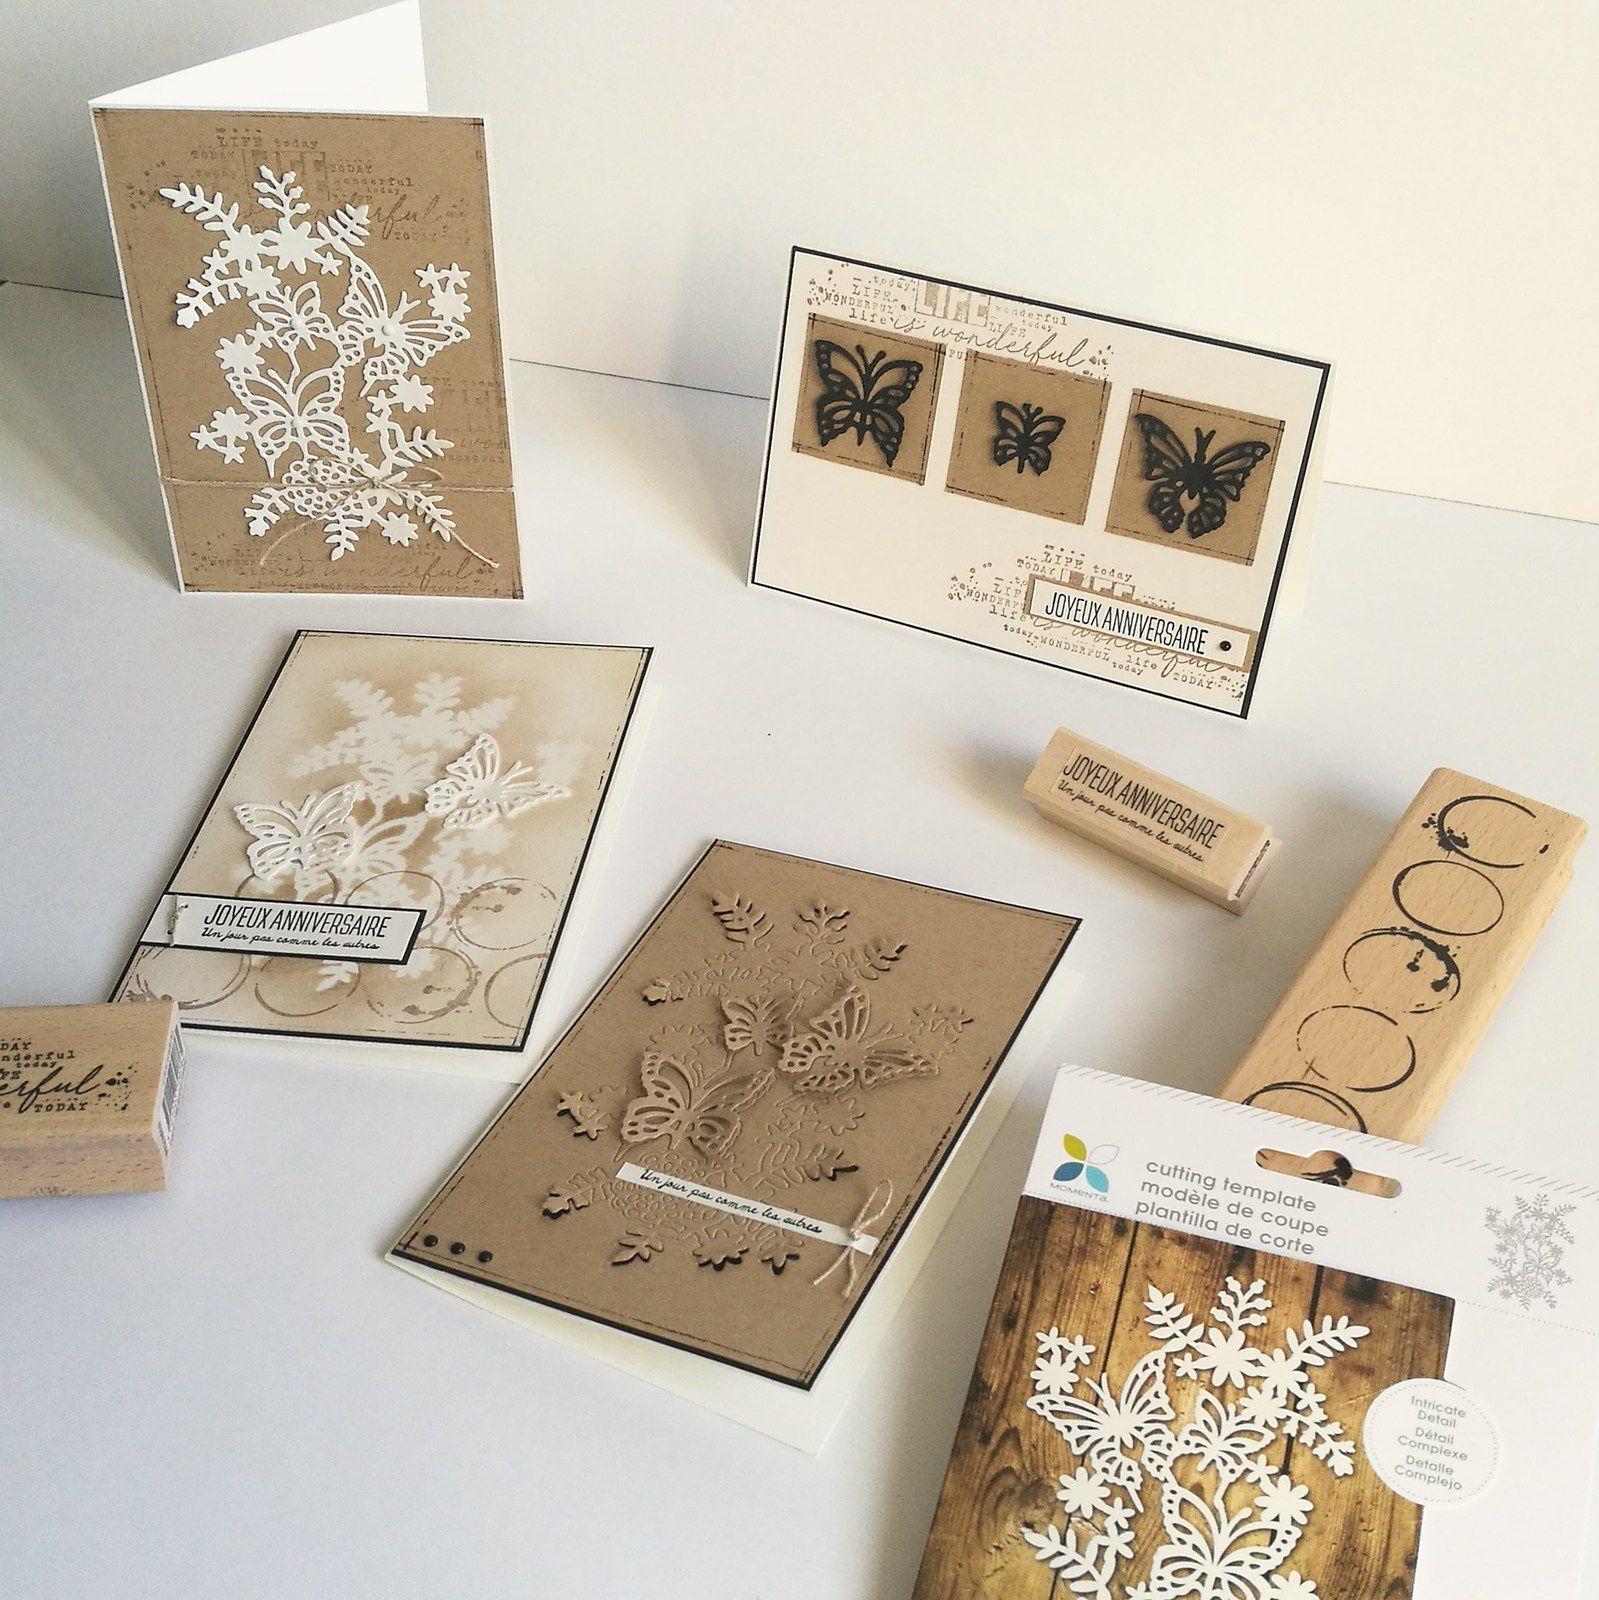 Une série de cartes pour Variations créatives